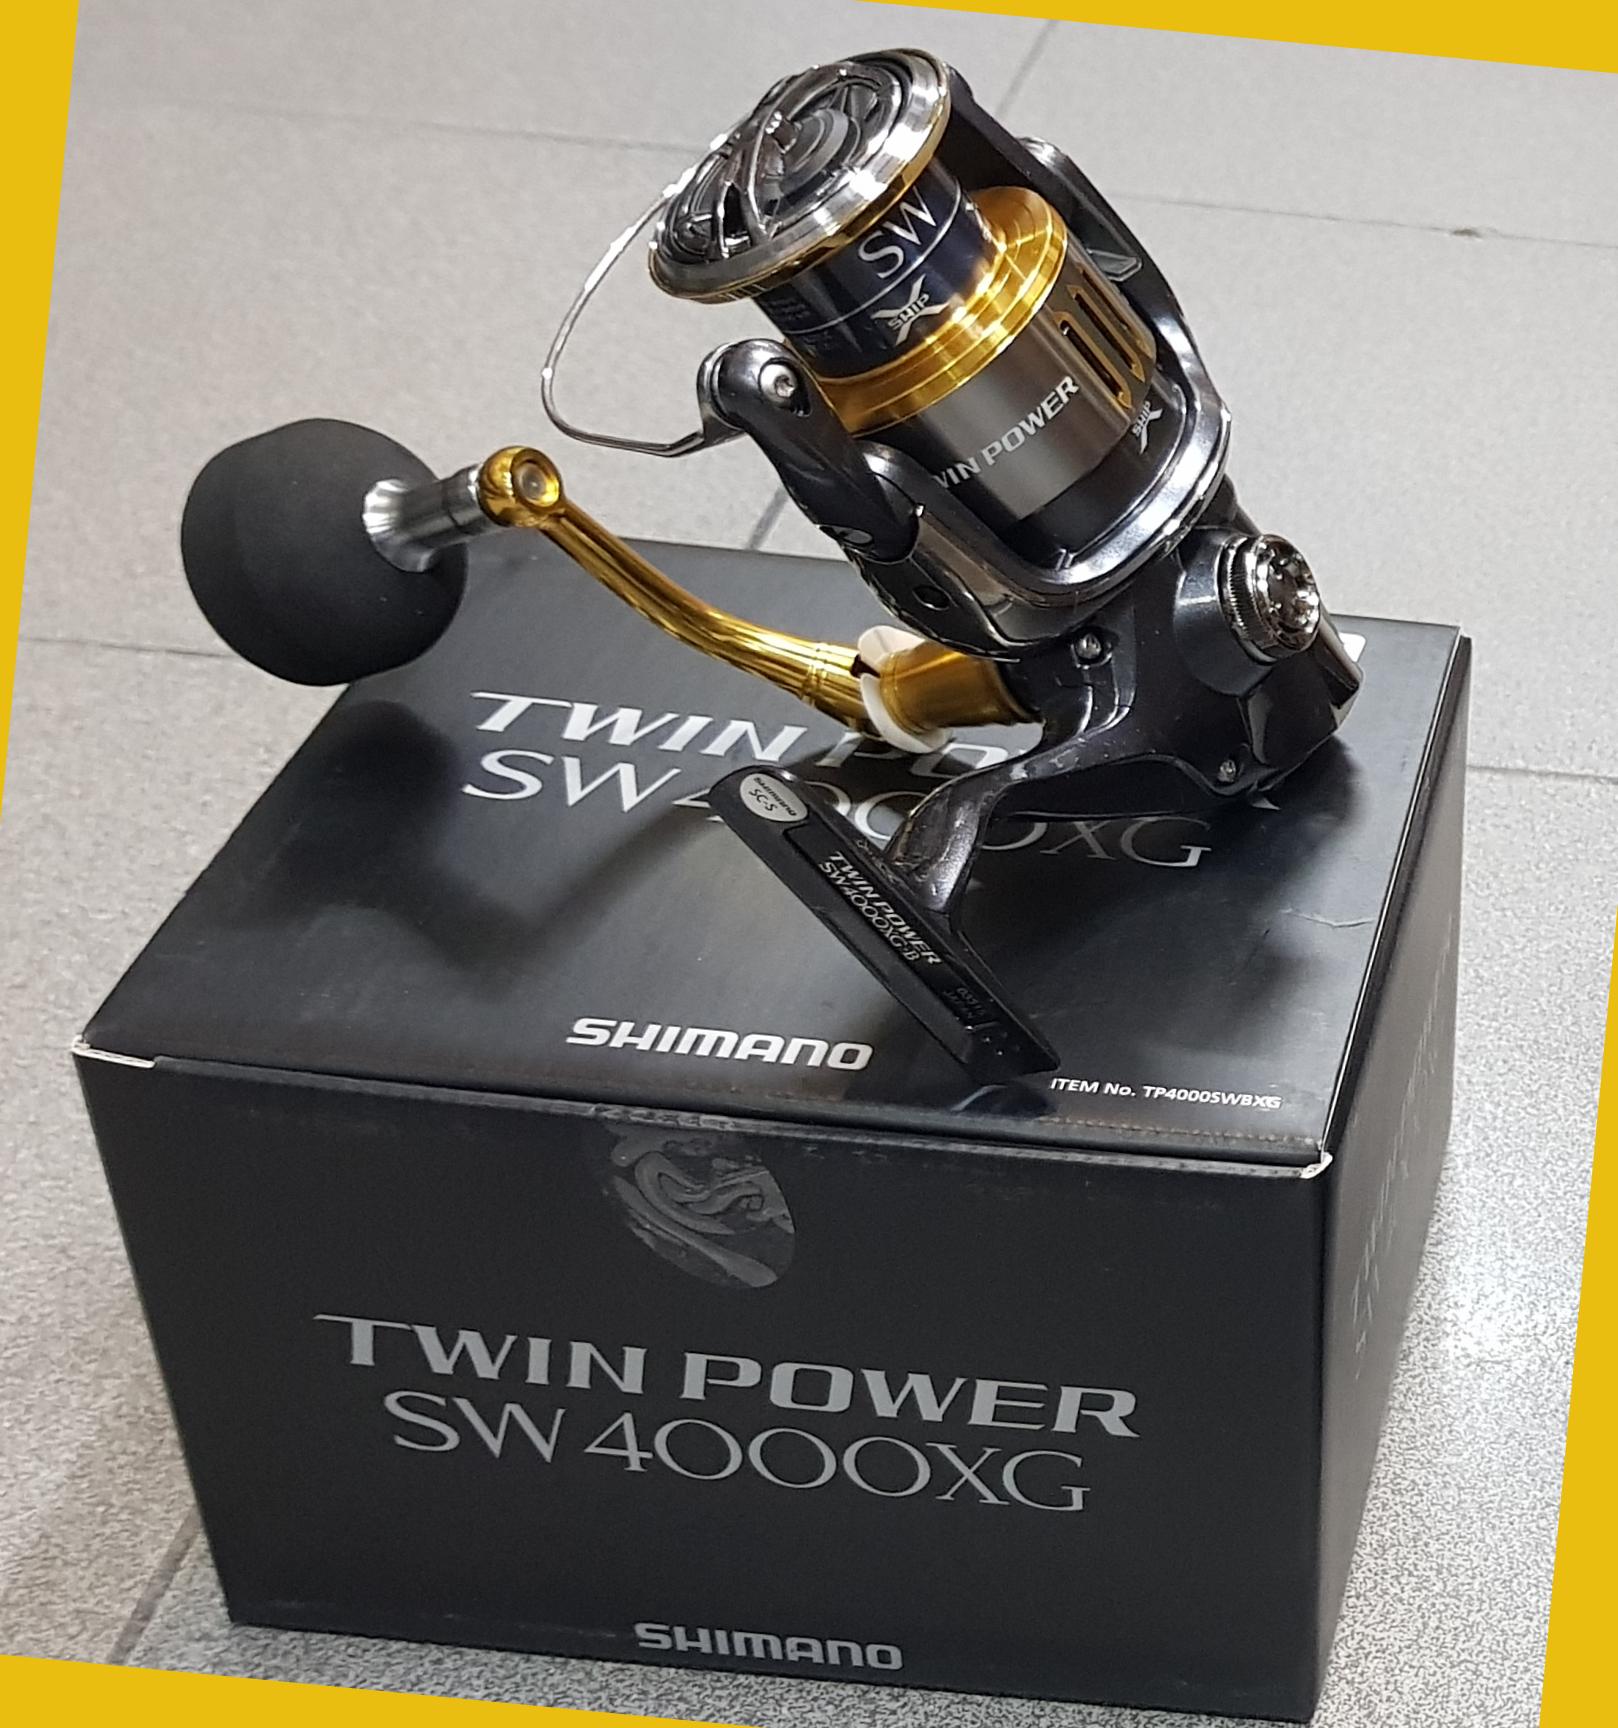 Twin Power Sw 4000 Xg Pesca Barrento